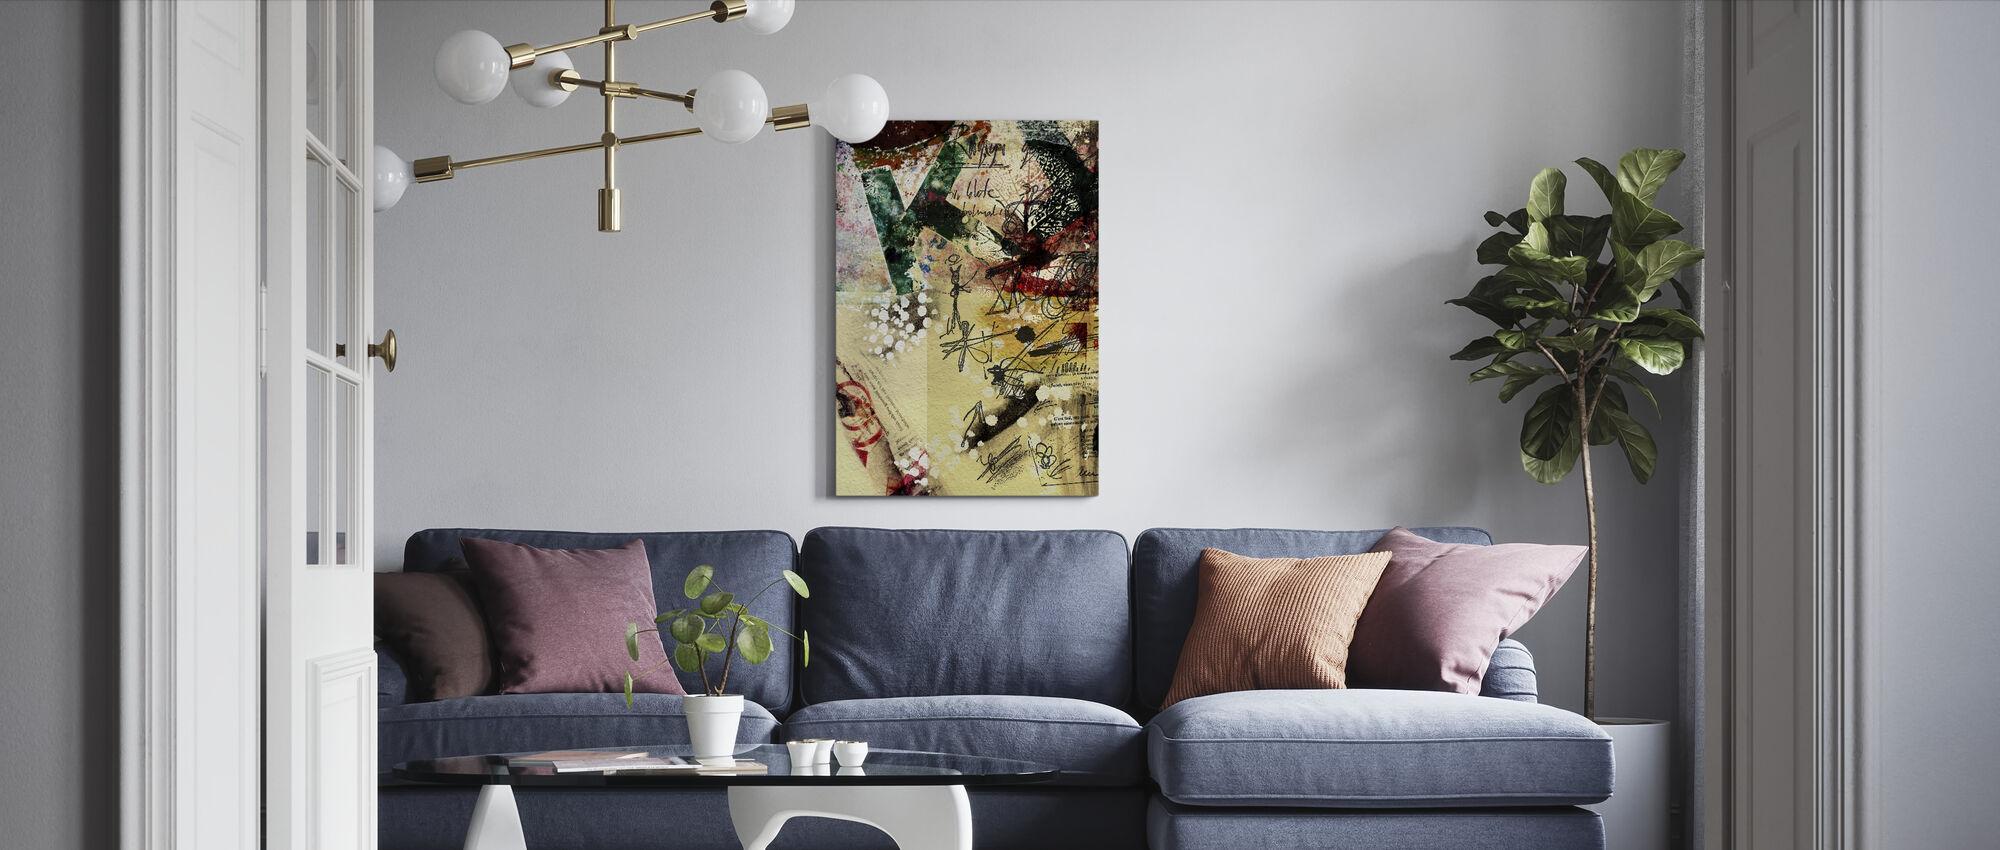 Poster Collage - Leinwandbild - Wohnzimmer